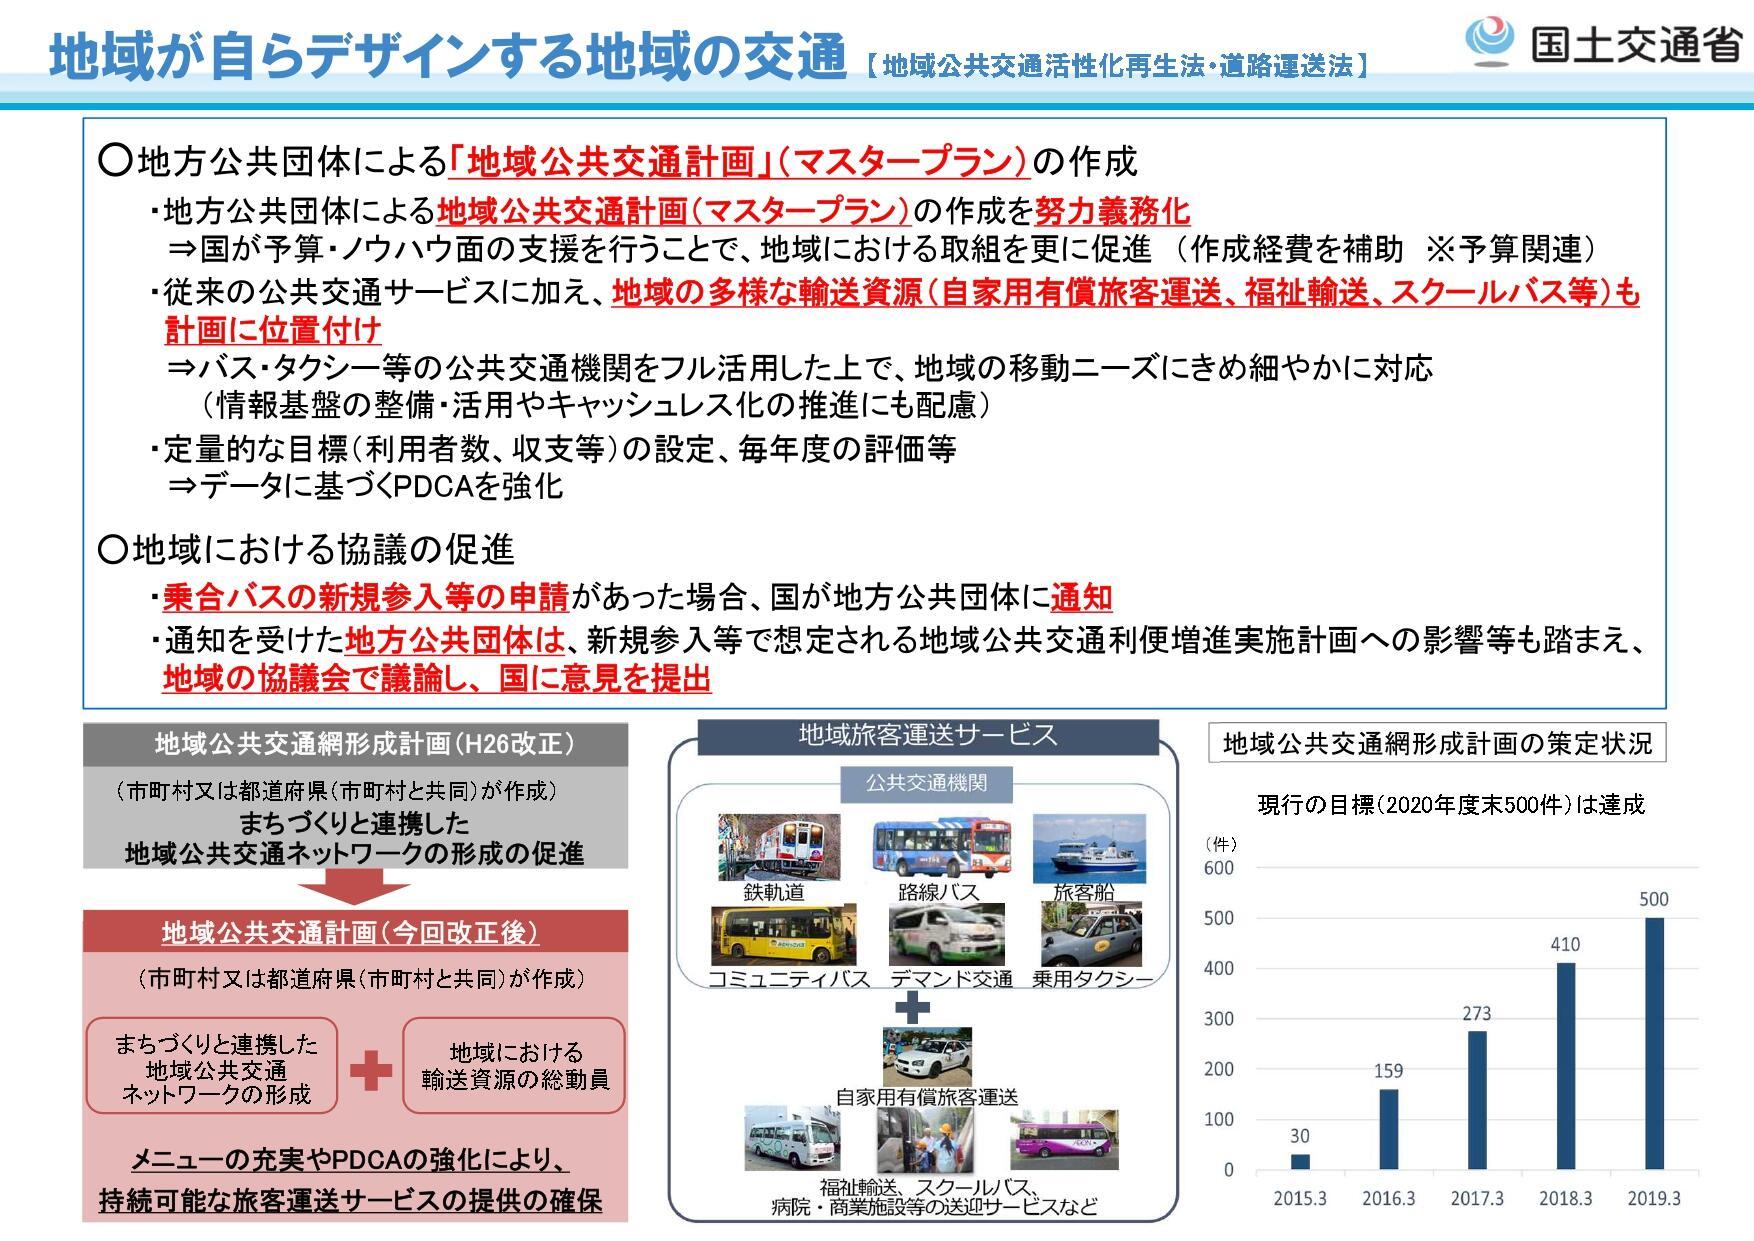 資料提供:国土交通省